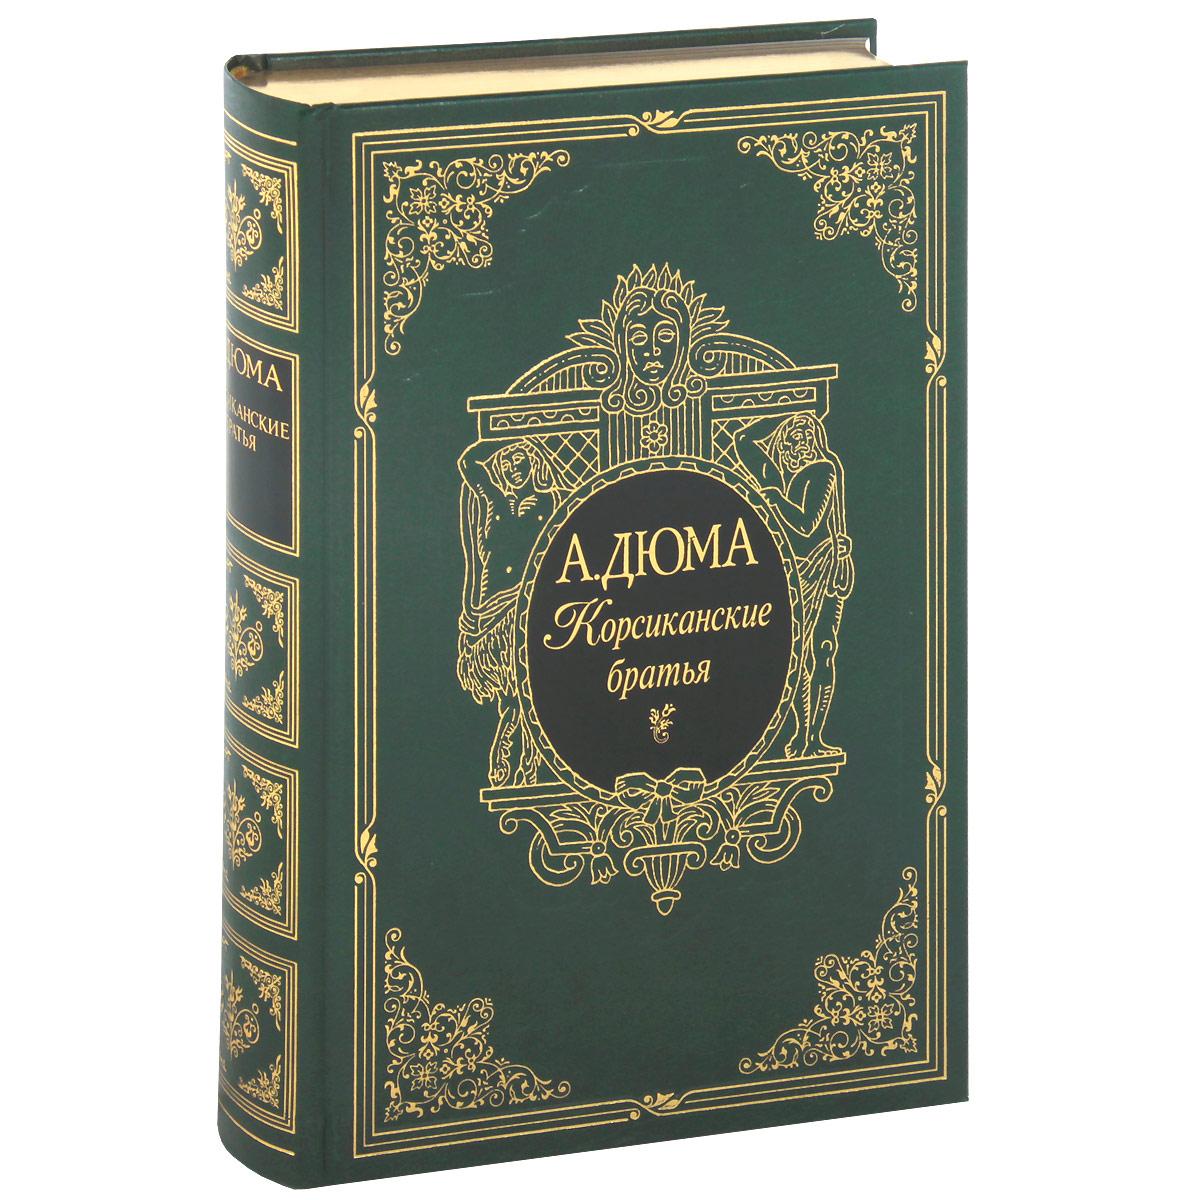 А. Дюма Корсиканские братья (подарочное издание) цена и фото